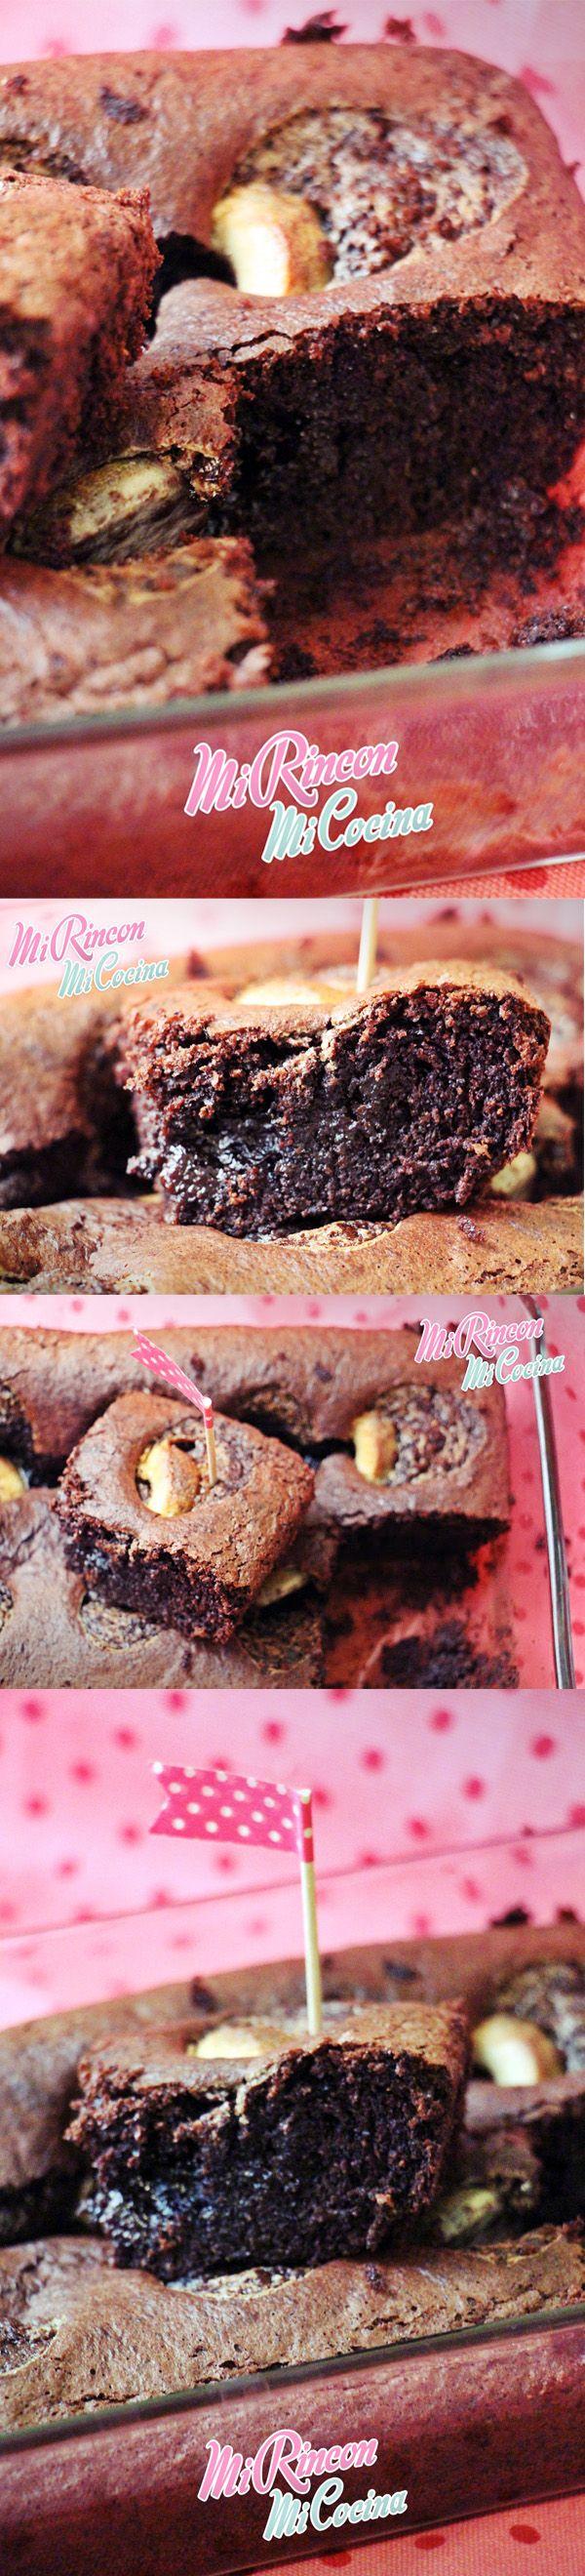 Brownie de almendras y filipinos http://mirinconmicocina.blogspot.com.es/